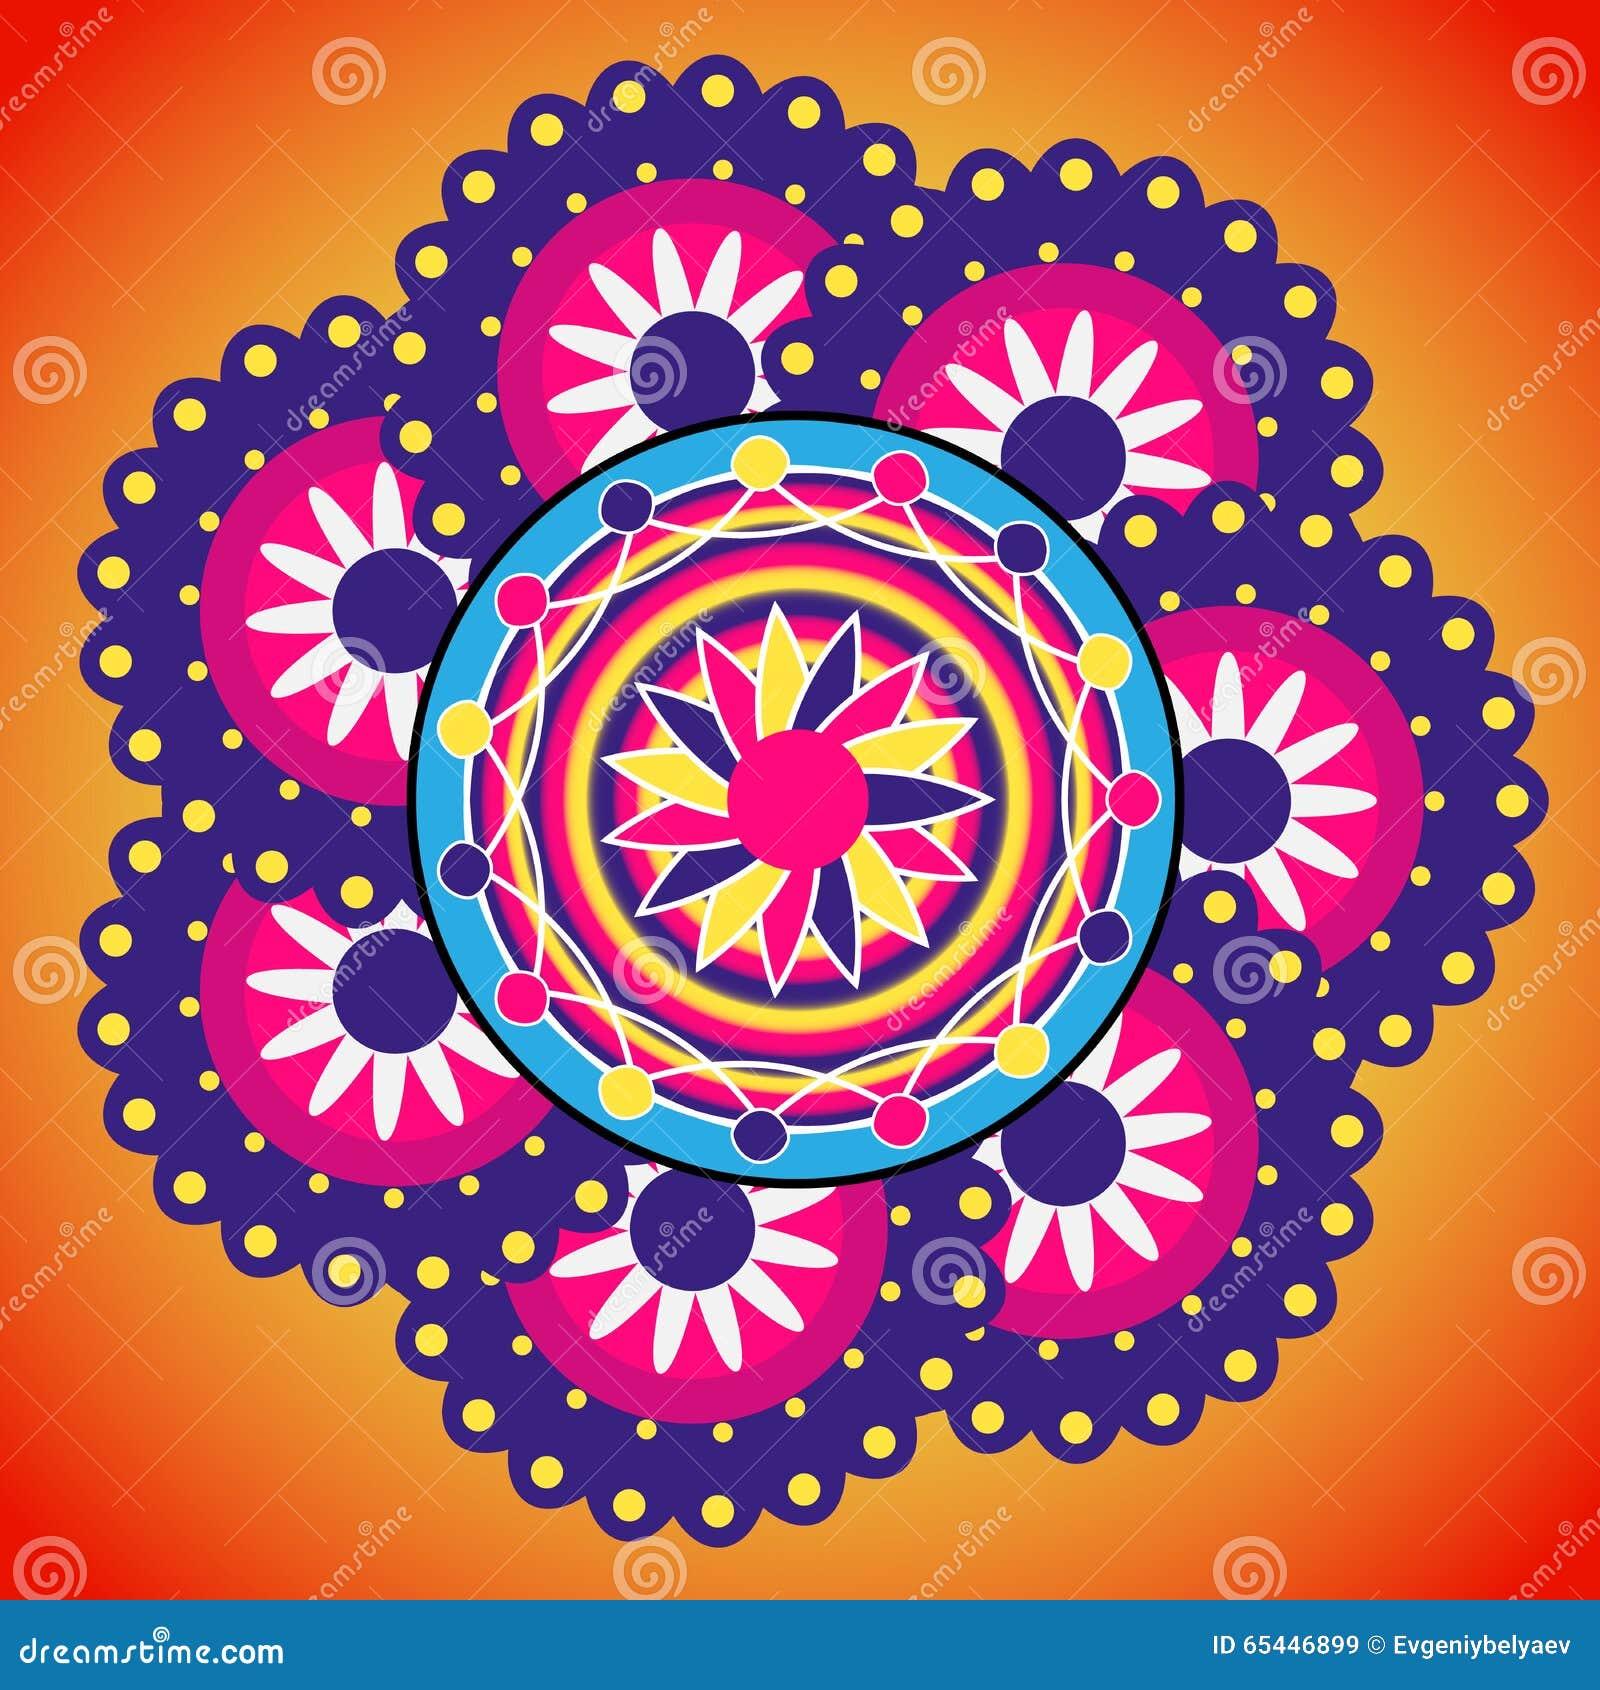 Rangoli Design. Indian Ornament. Stock Vector - Illustration of ... for Flower Rangoli Vector  75sfw